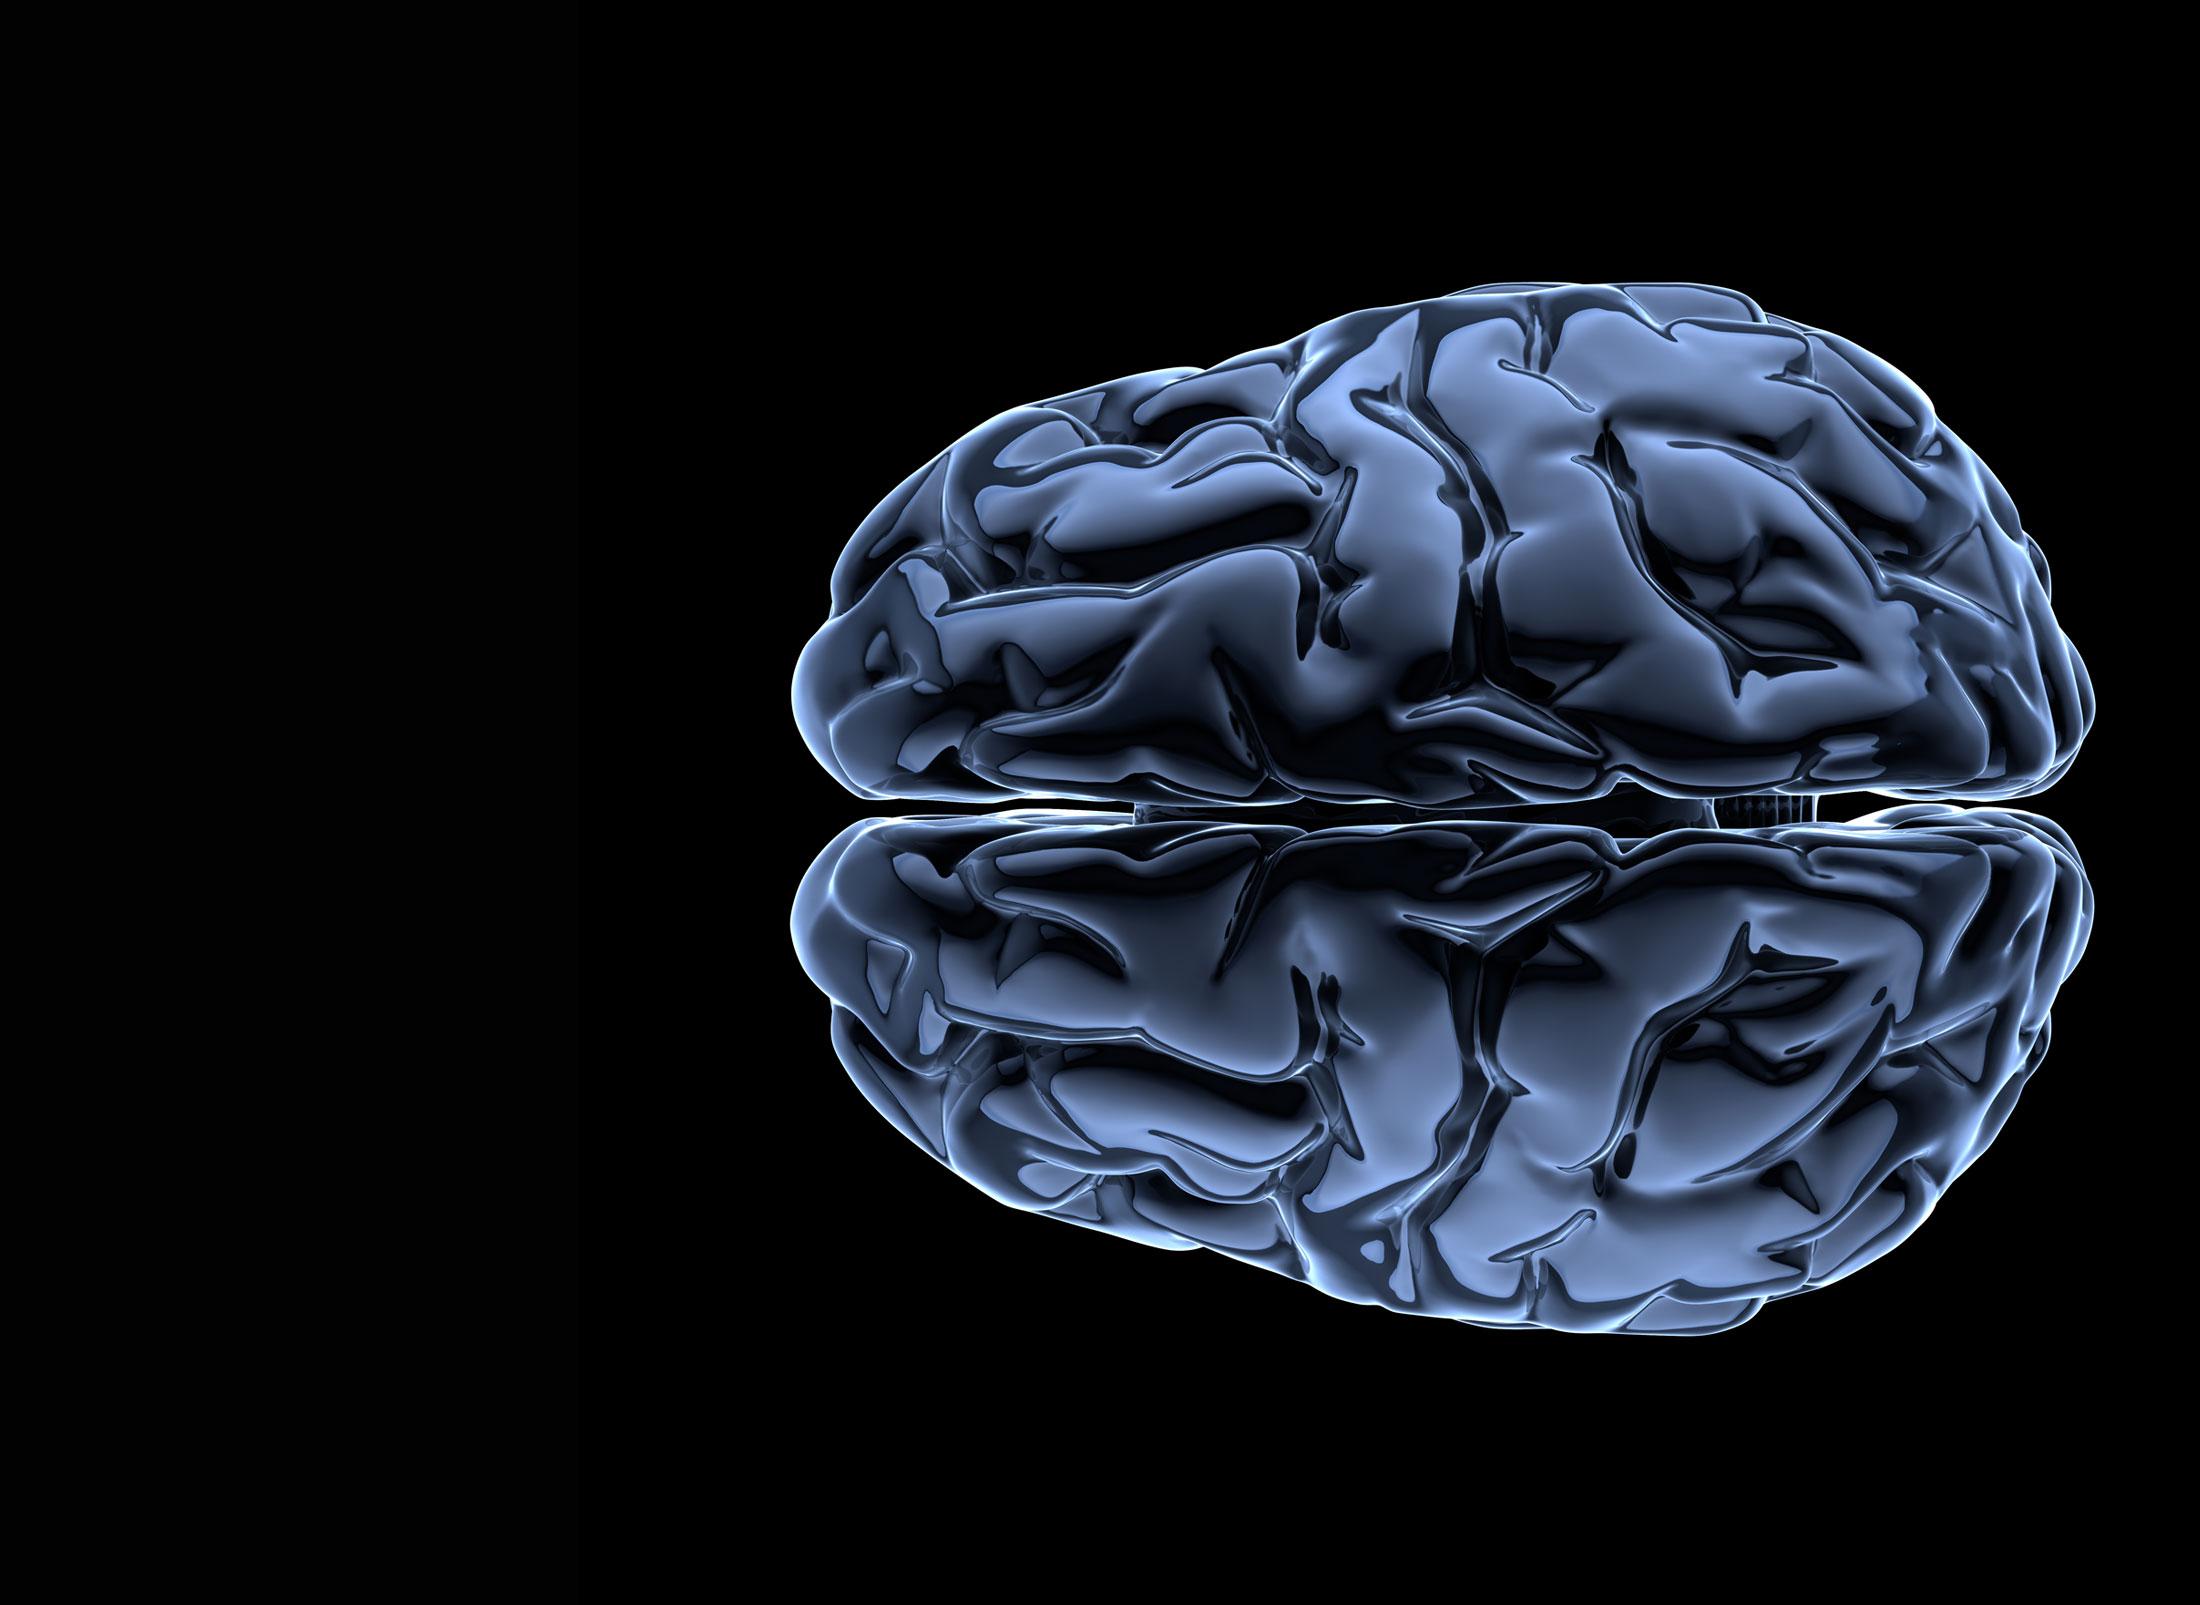 Gehirn mit viel Denkfähigkeit, Esprit und Grips